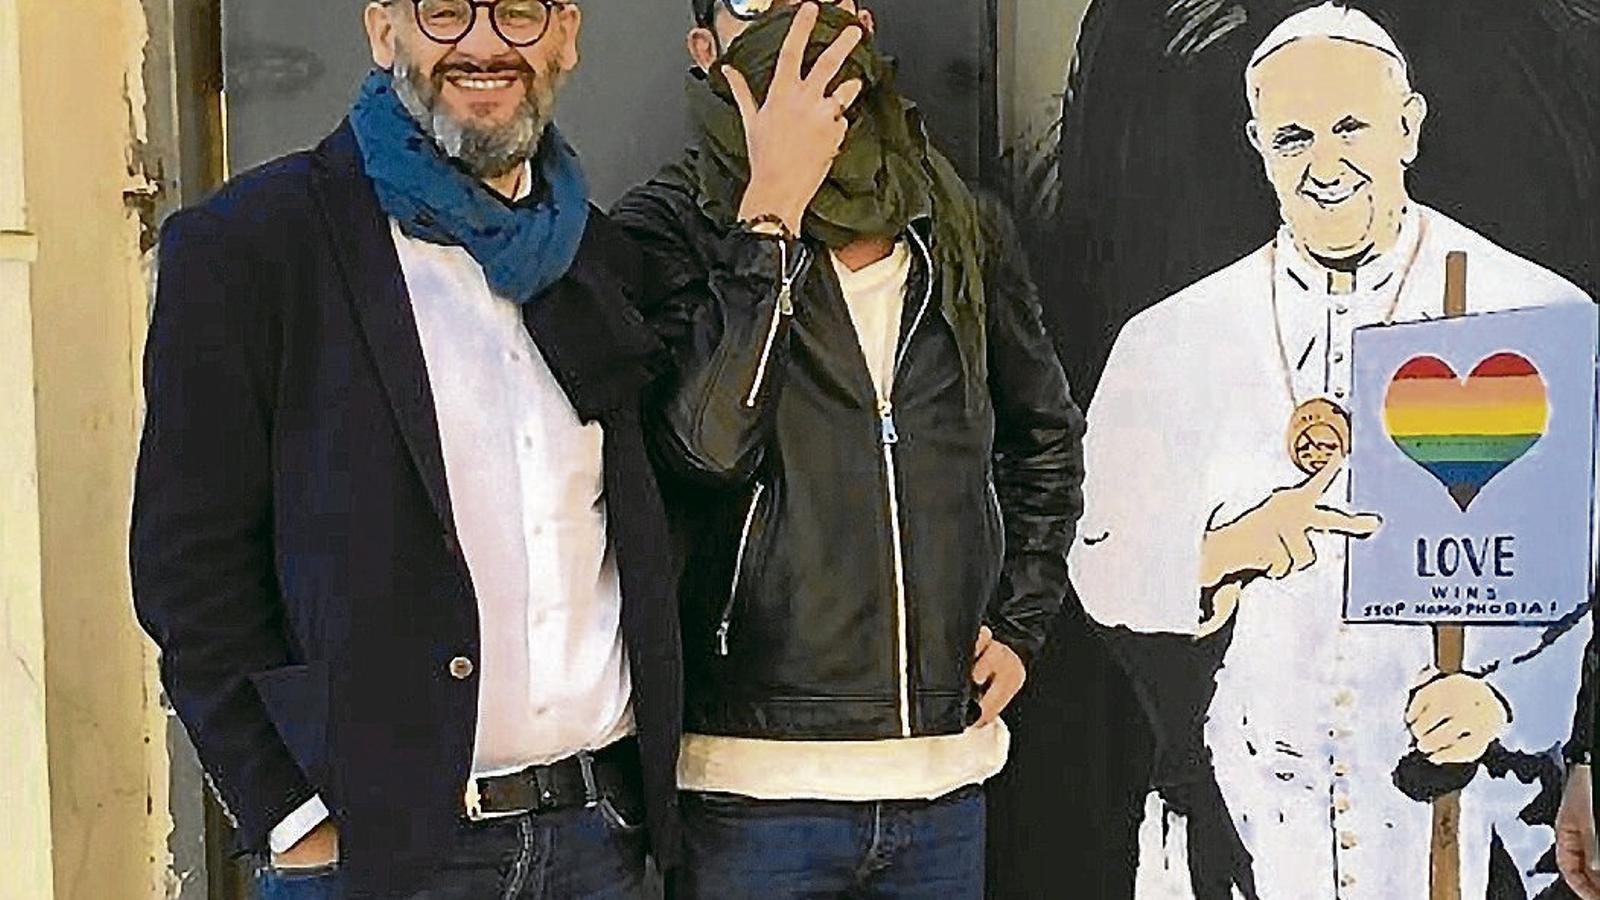 L'artista urbà TvBoy, que no sol deixar-se fotografiar, al costat de l'Angelo i del grafiti del papa Francesc que va fer a Pompeia.